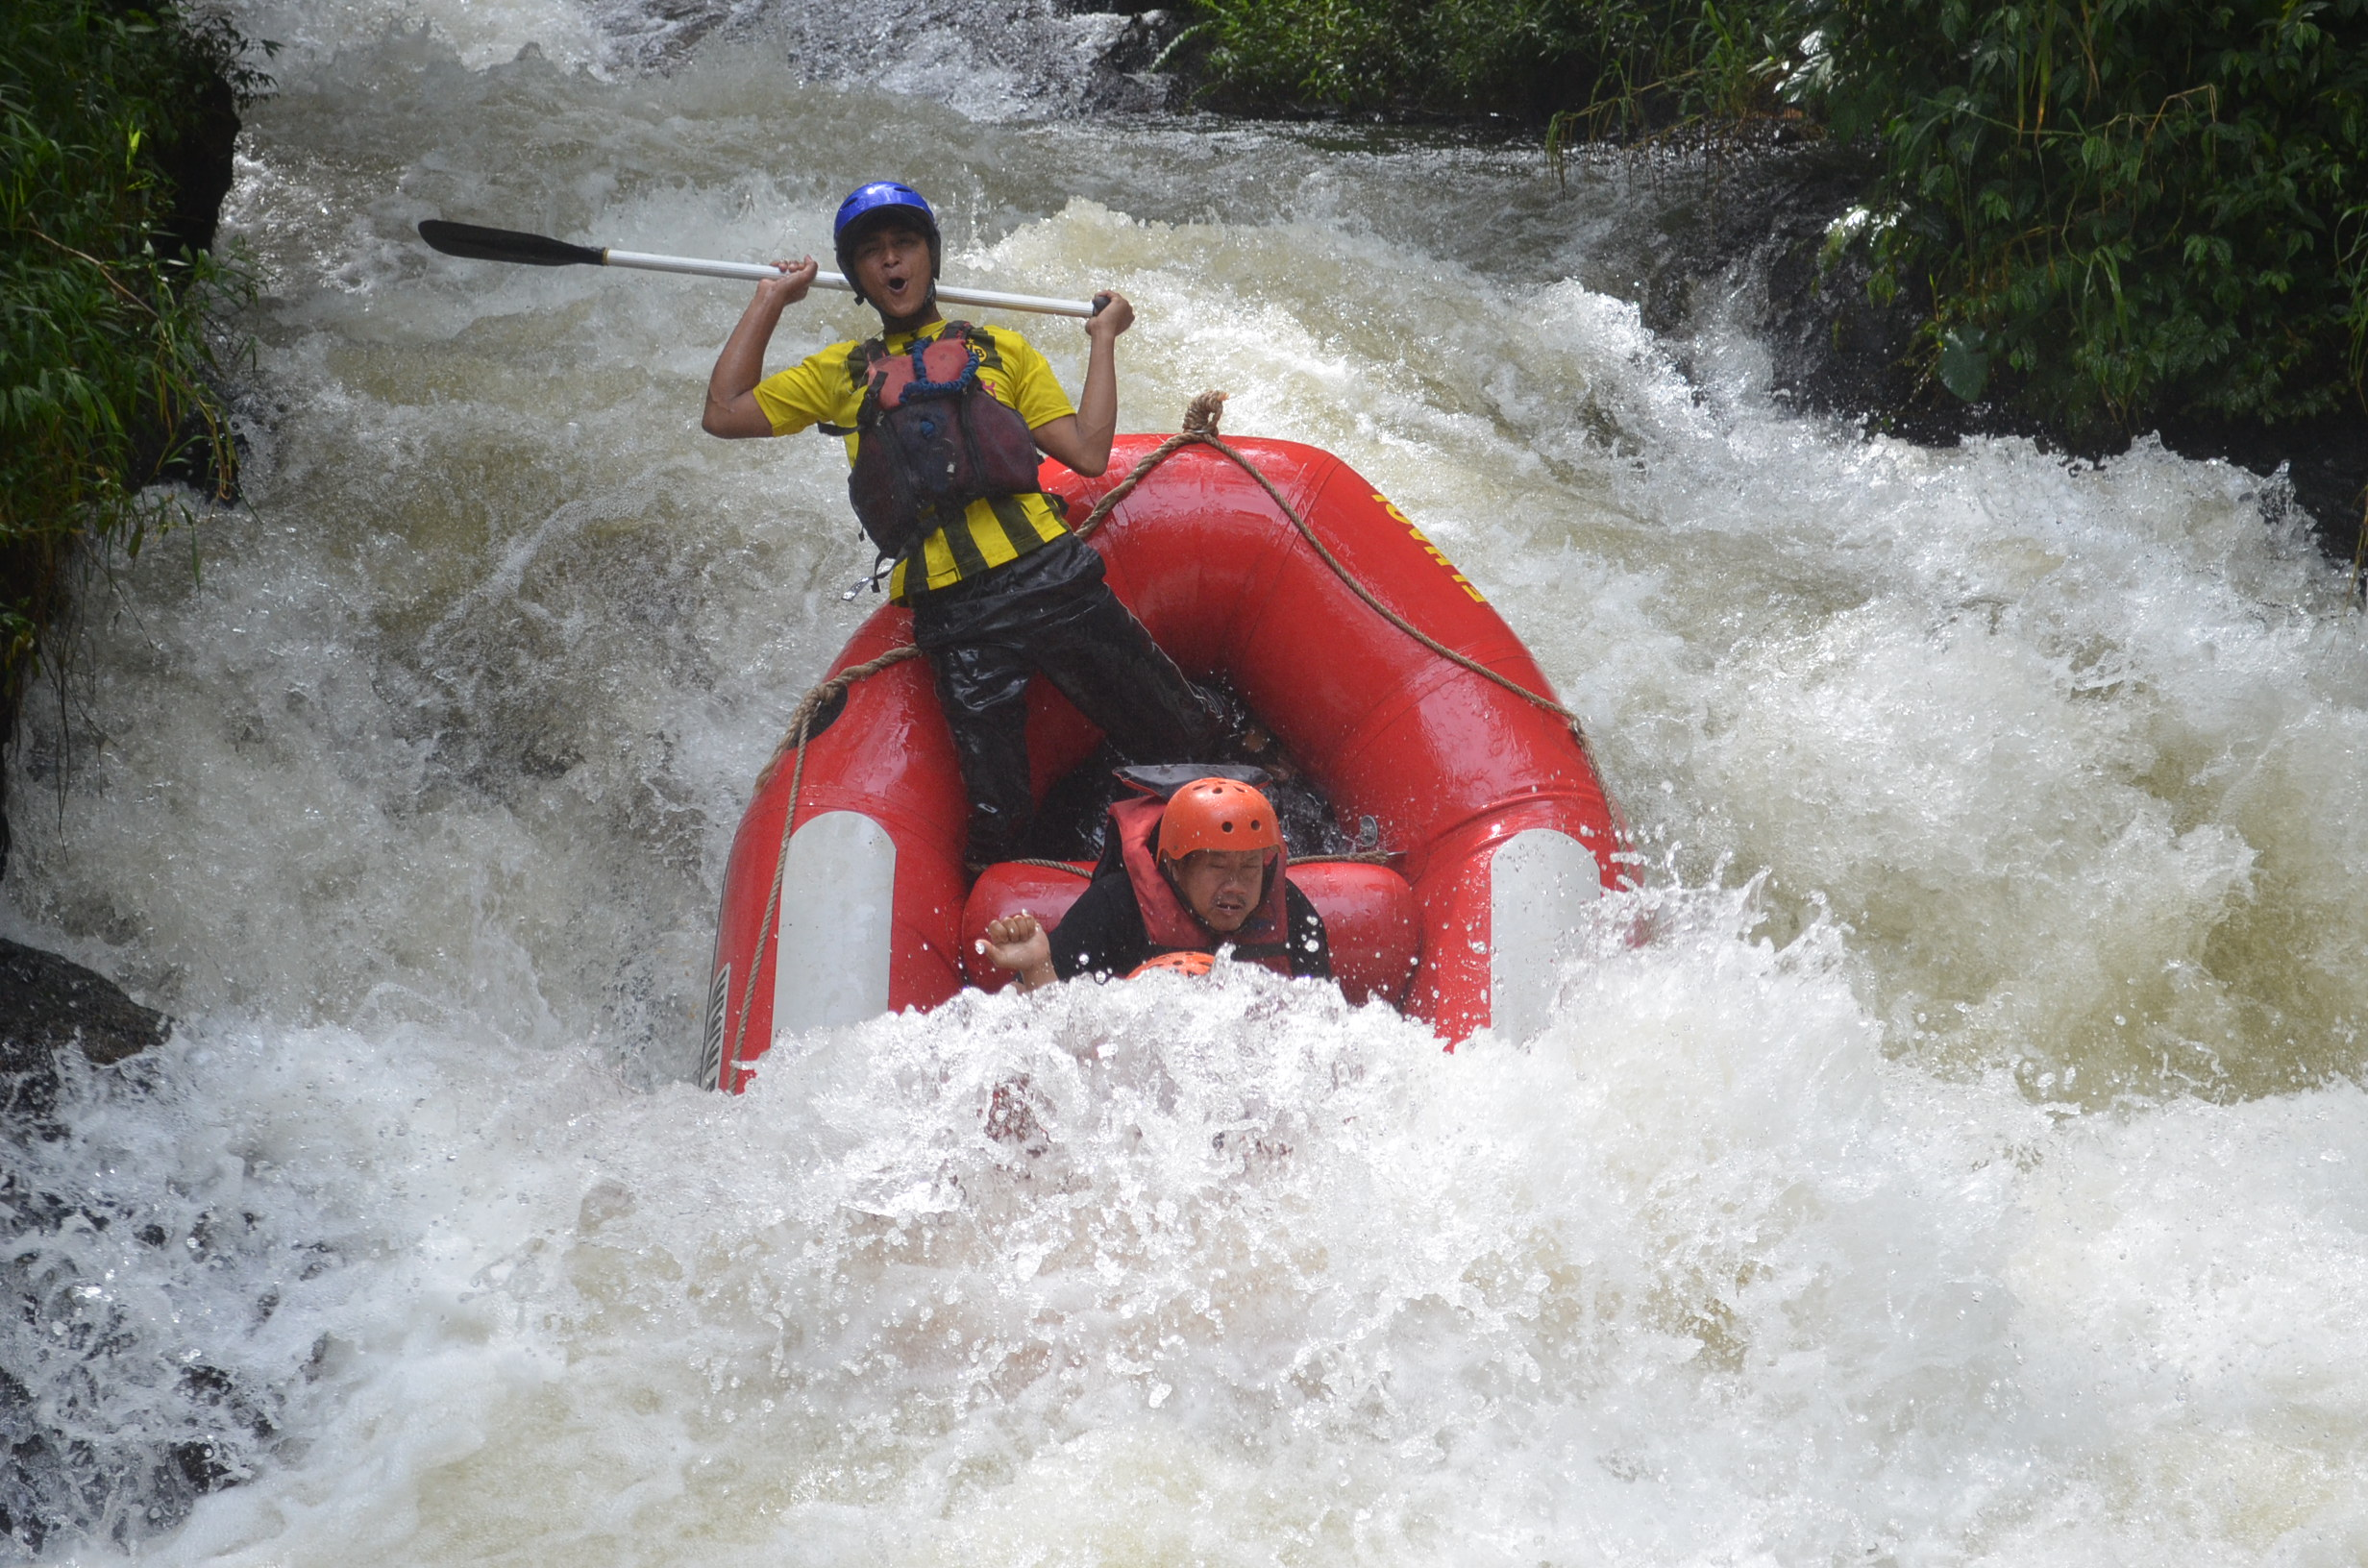 wahana-wisata-rafting-pangalengan-bandung-selatan-30